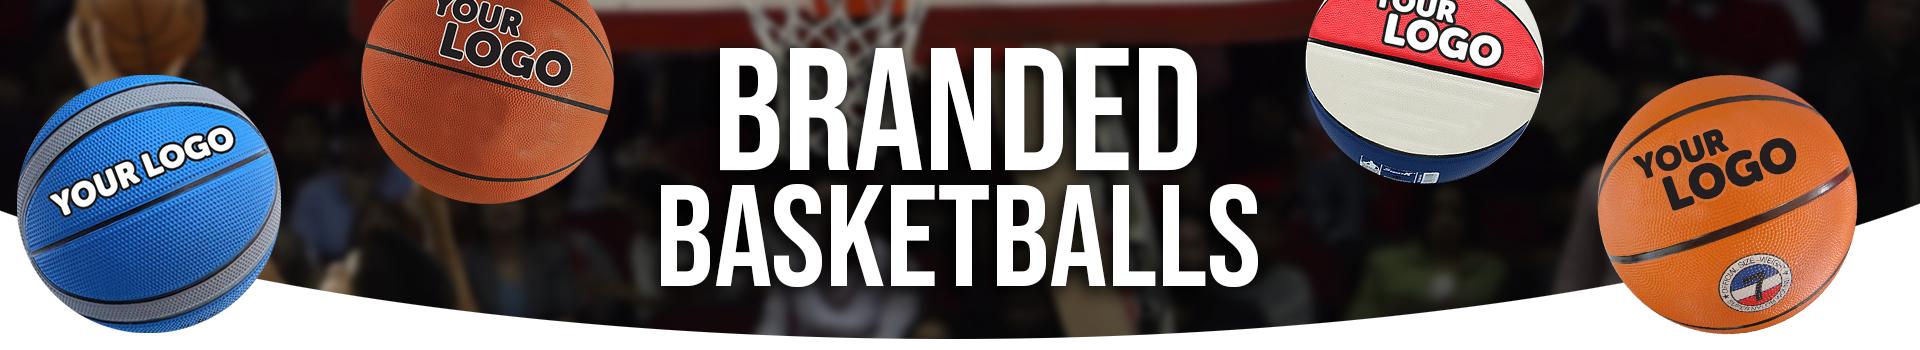 Branded-Basketballs-Header.png